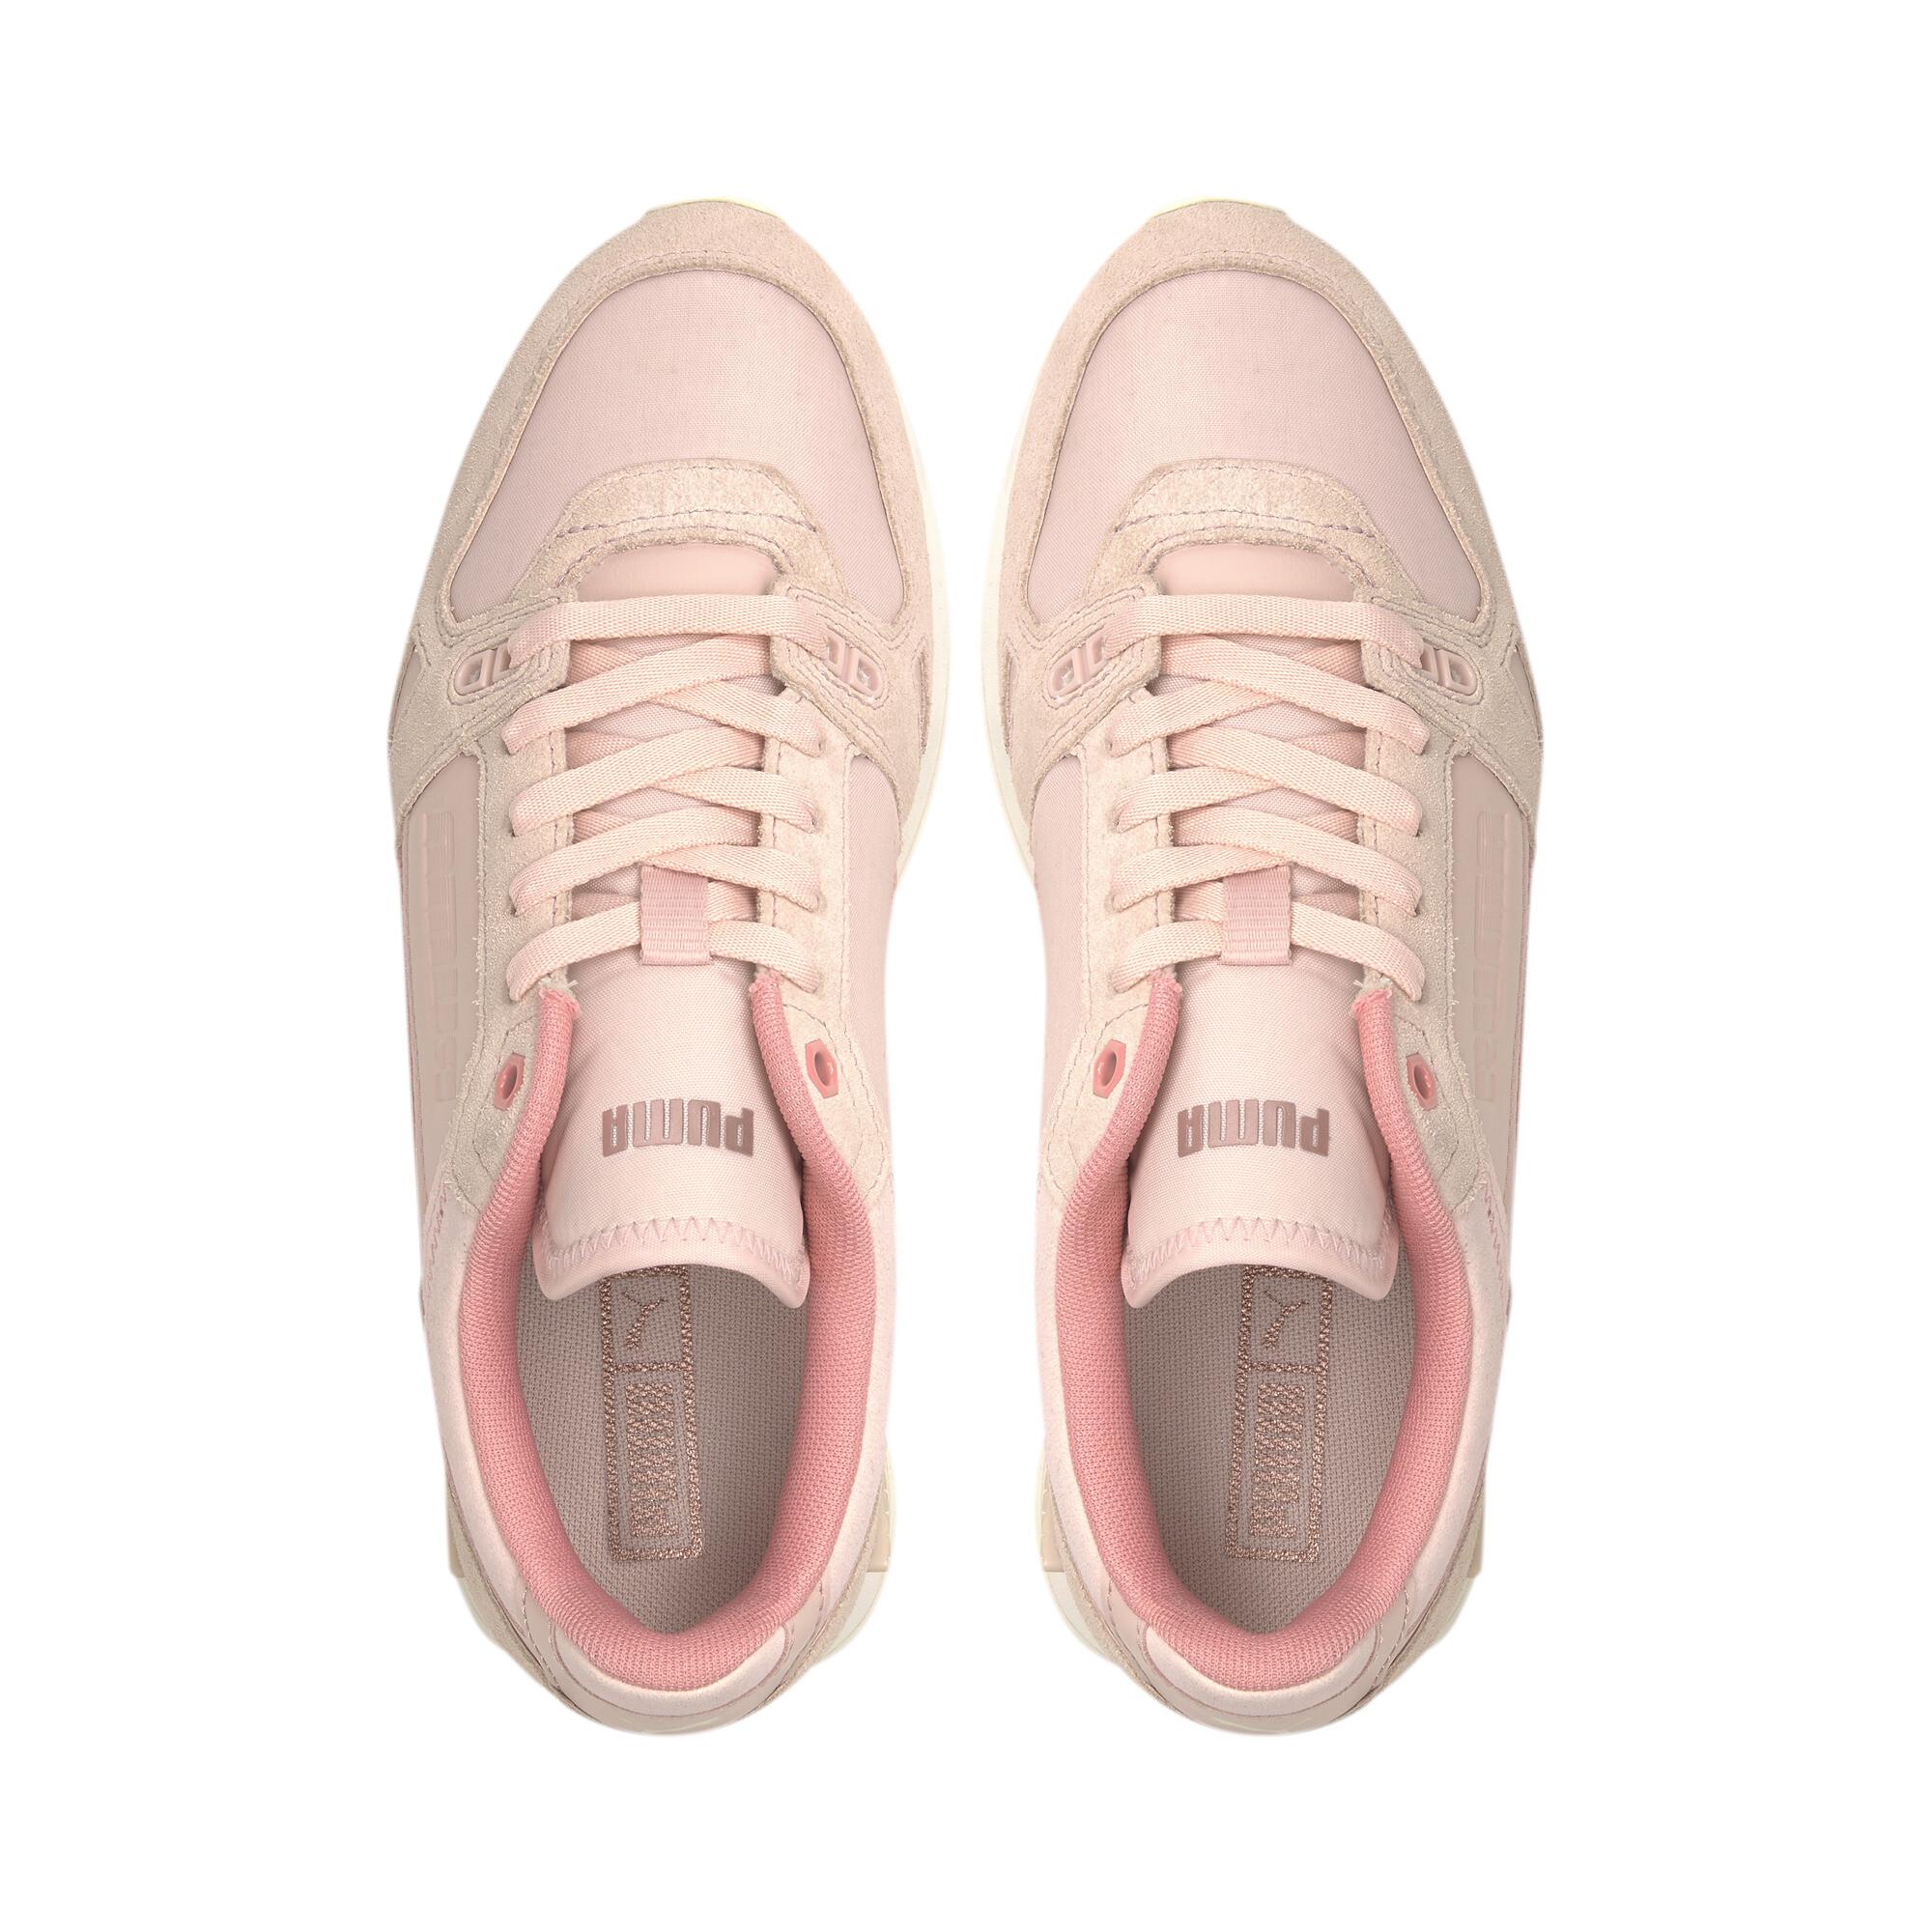 Indexbild 7 - PUMA Mile Rider Chrome Desert Damen Sneaker Frauen Schuhe Neu